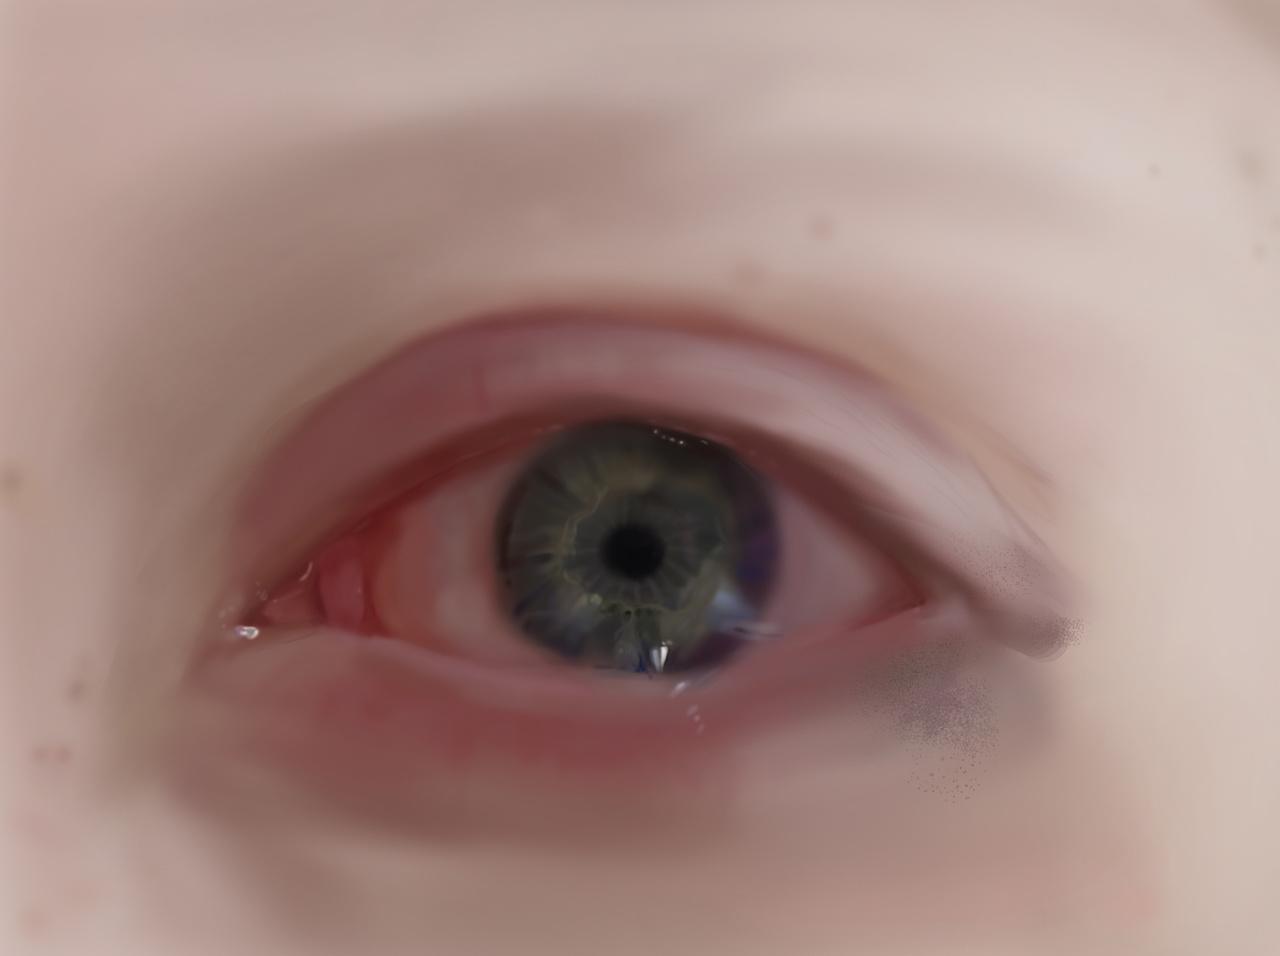 百度仔细研究了眼部构造,甚至解剖图我姐都有被吓到说为什么画